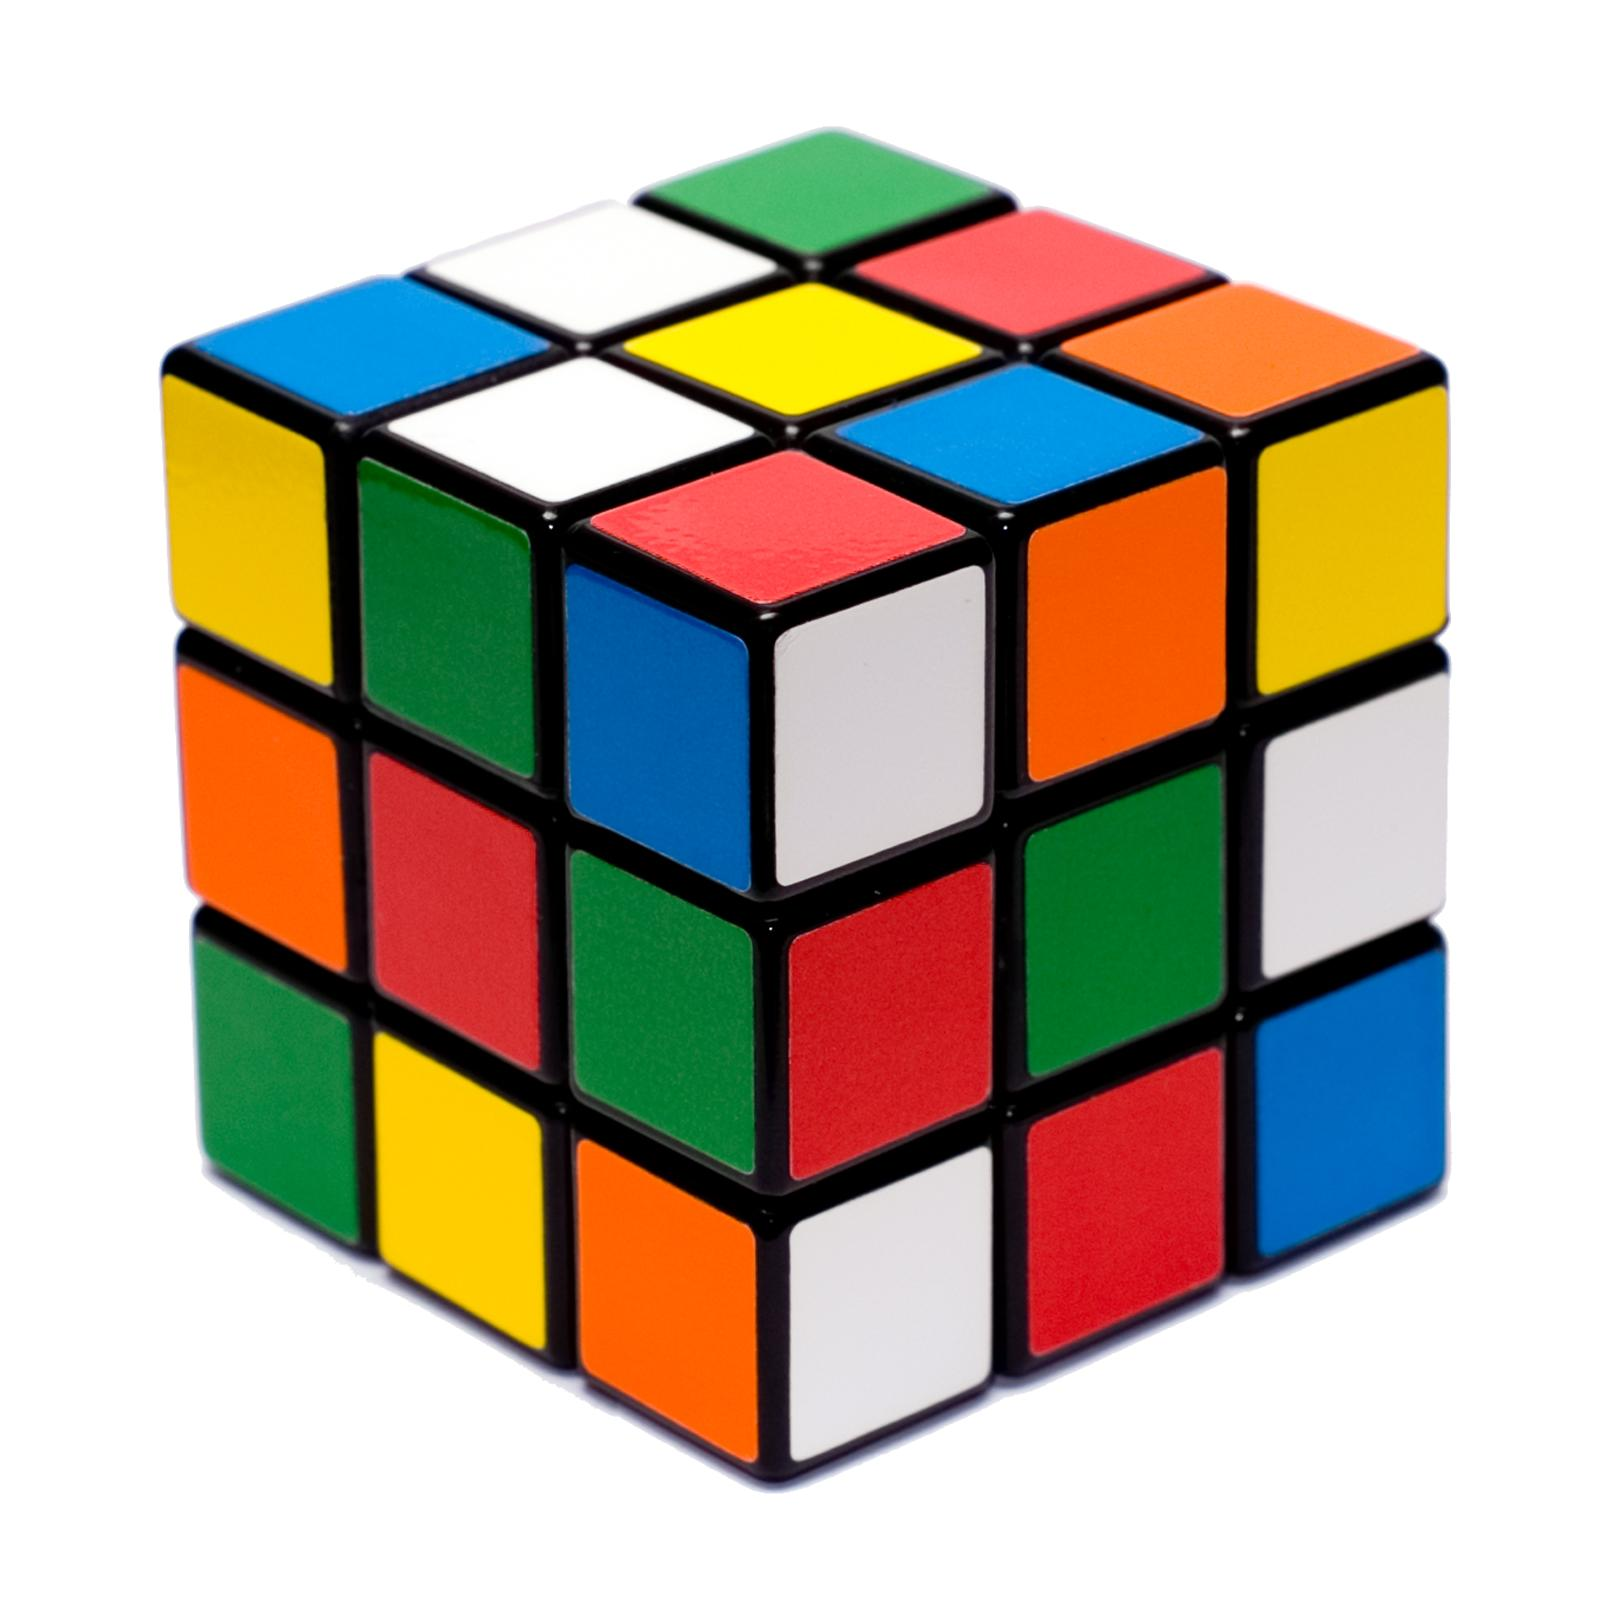 đồ chơi kích thích trí thông minh